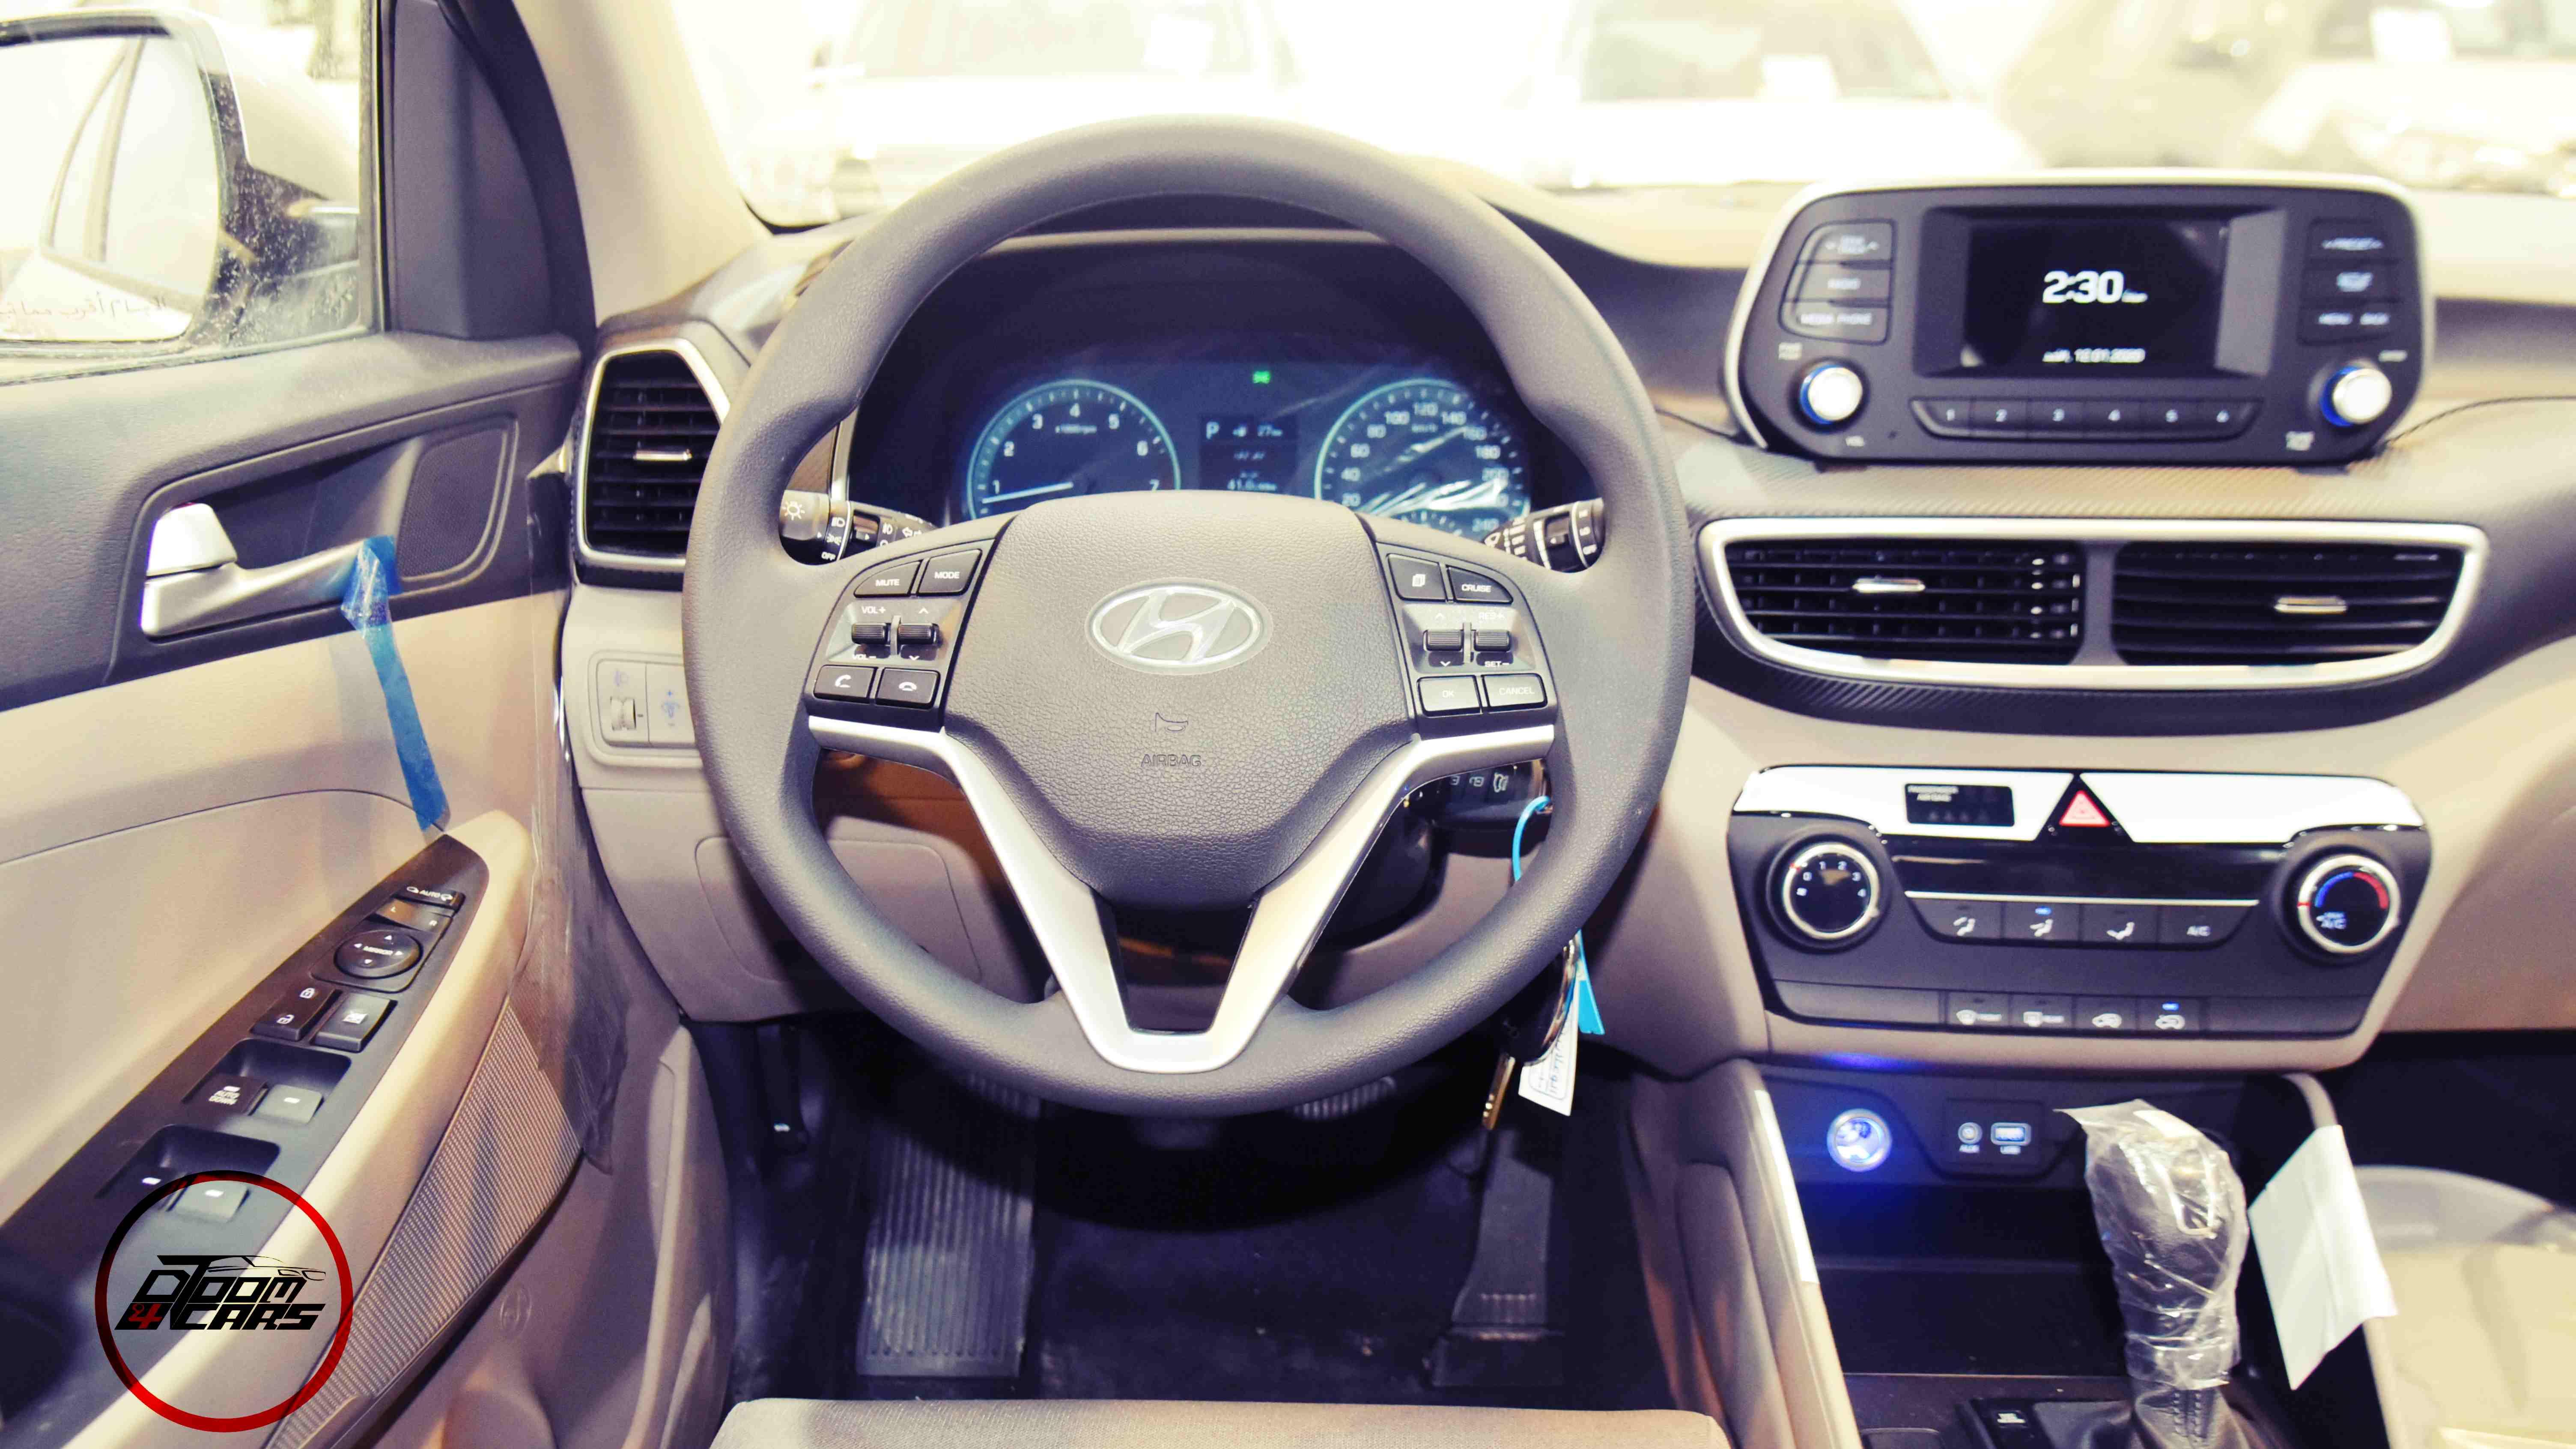 هونداي توسان 2021 ستاندر 2.0 سيسي سعودي جديد للبيع في الرياض - السعودية - صورة كبيرة - 7